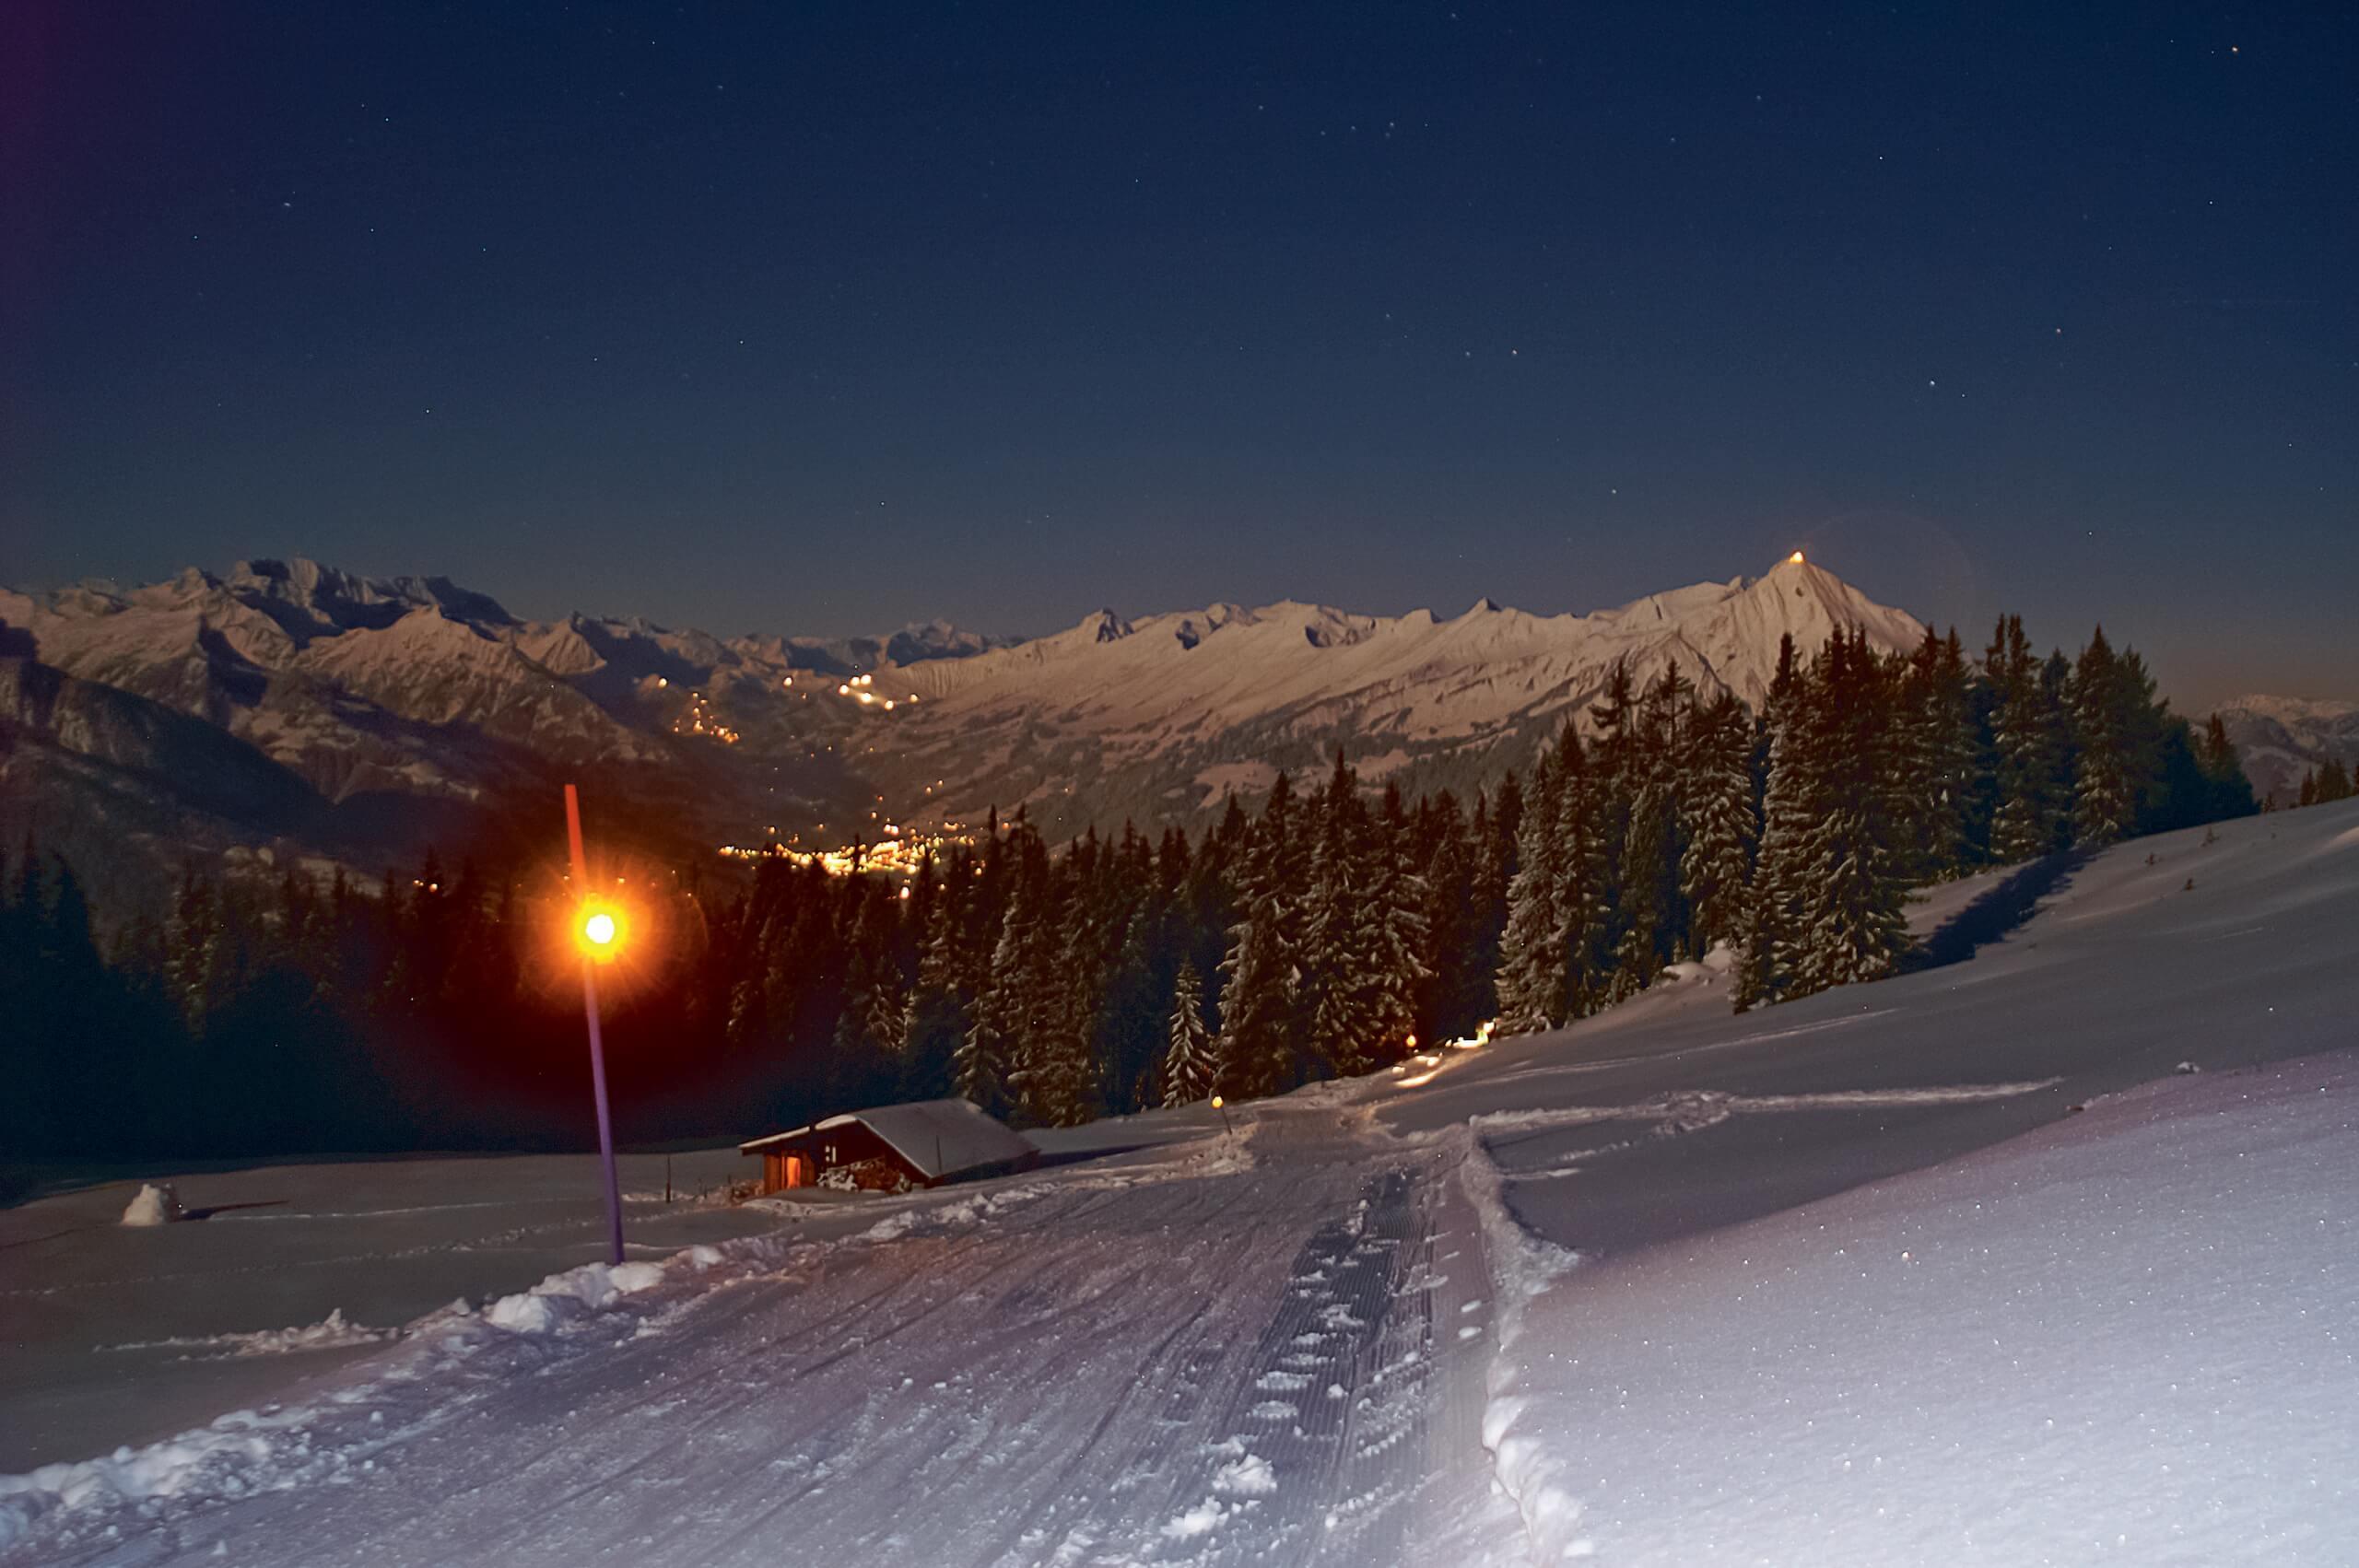 niederhorn-schlitteln-winter-nacht-abendstimmung-sterne-schlittelweg